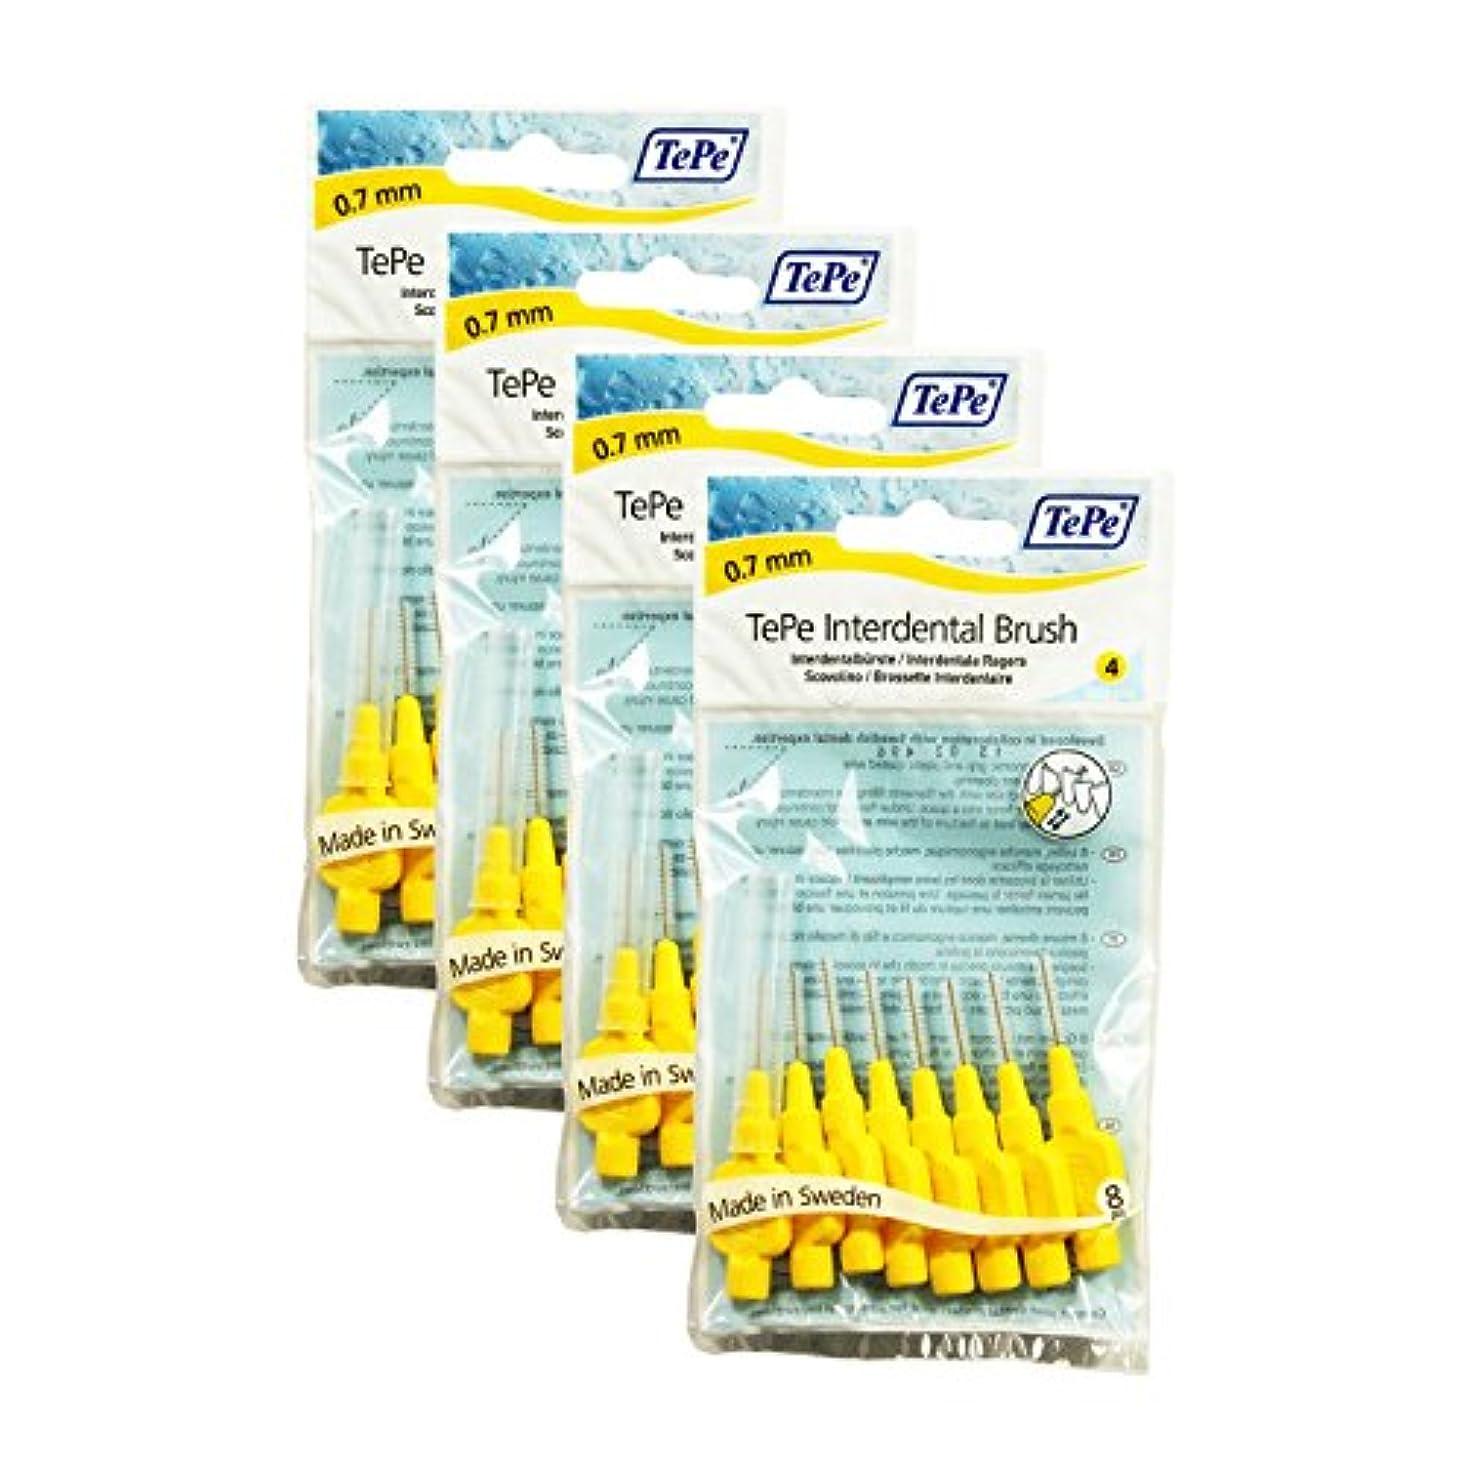 マーカー診療所活性化TePe Interdental Brushes 0.7mm Yellow - 4 Packets of 8 (32 Brushes) by TePe